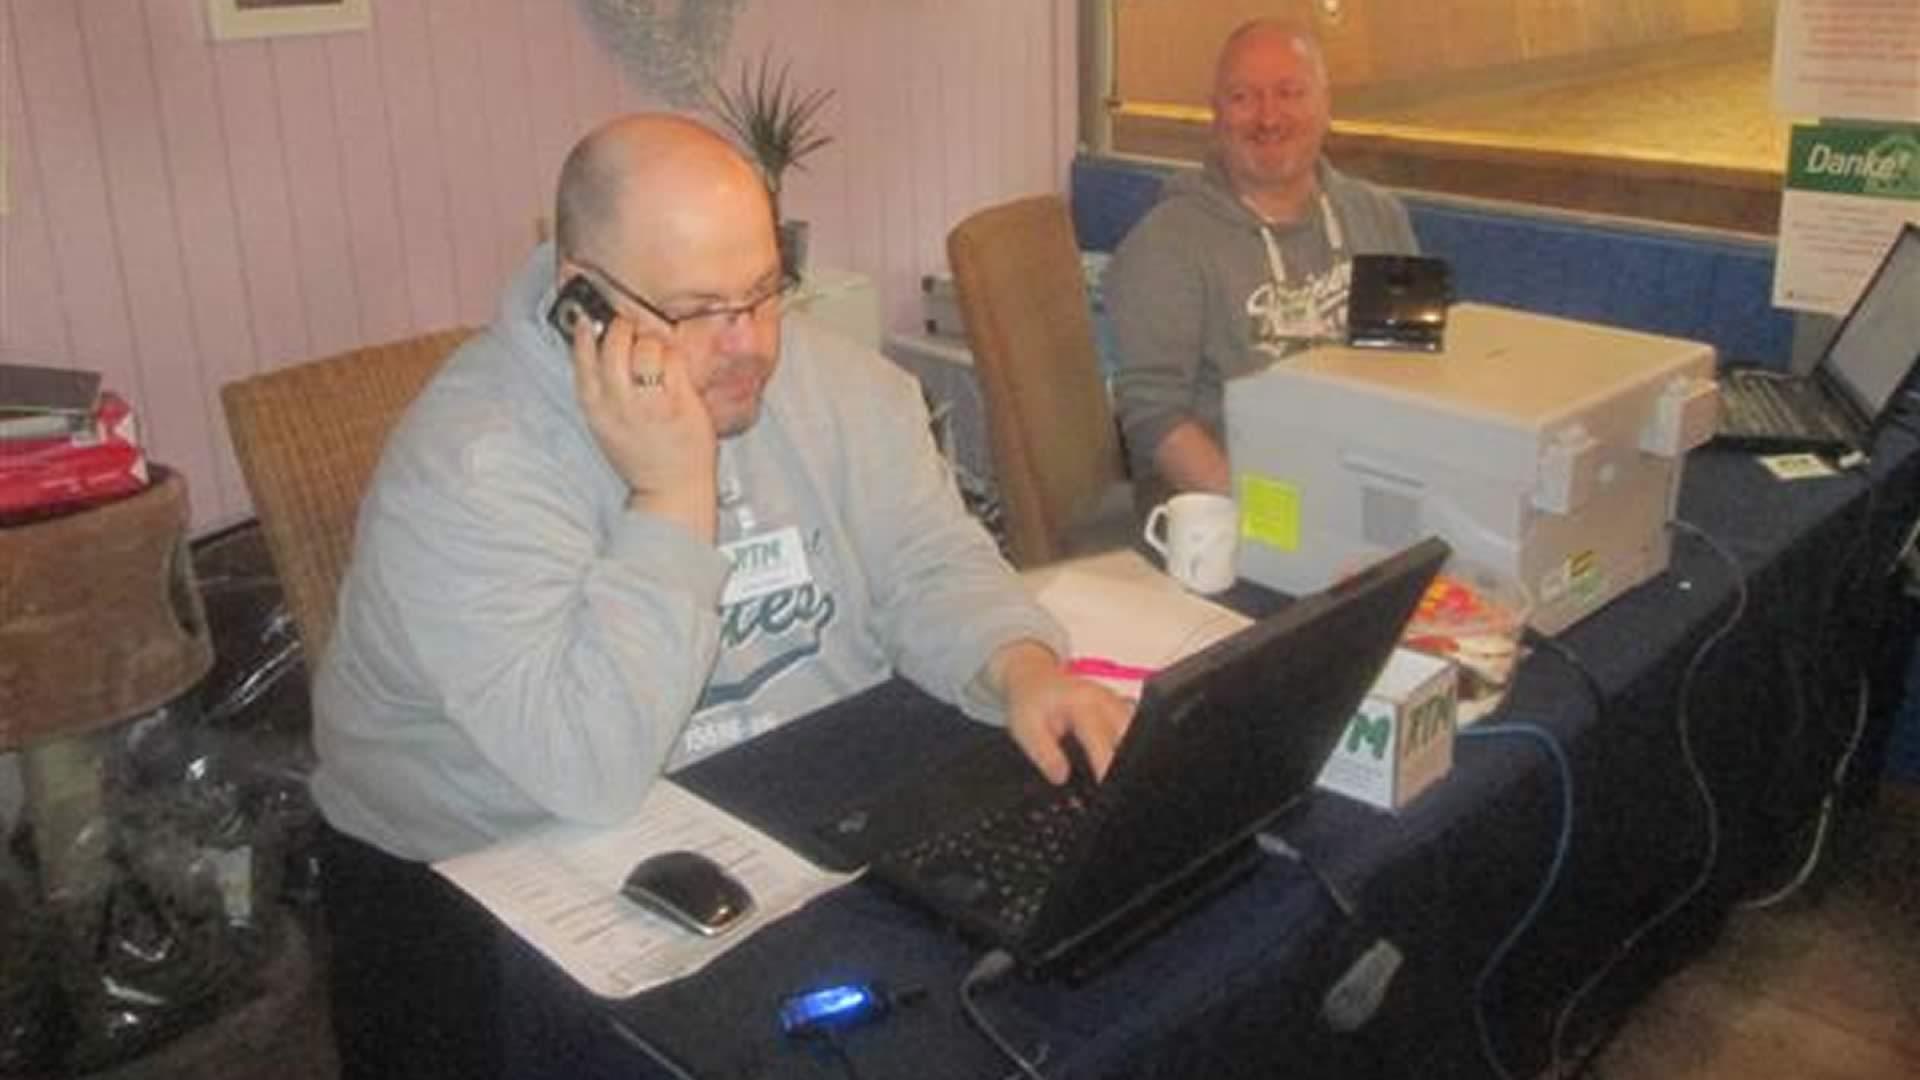 Heiko und Jörg Kieling bei der Arbeit am Computer